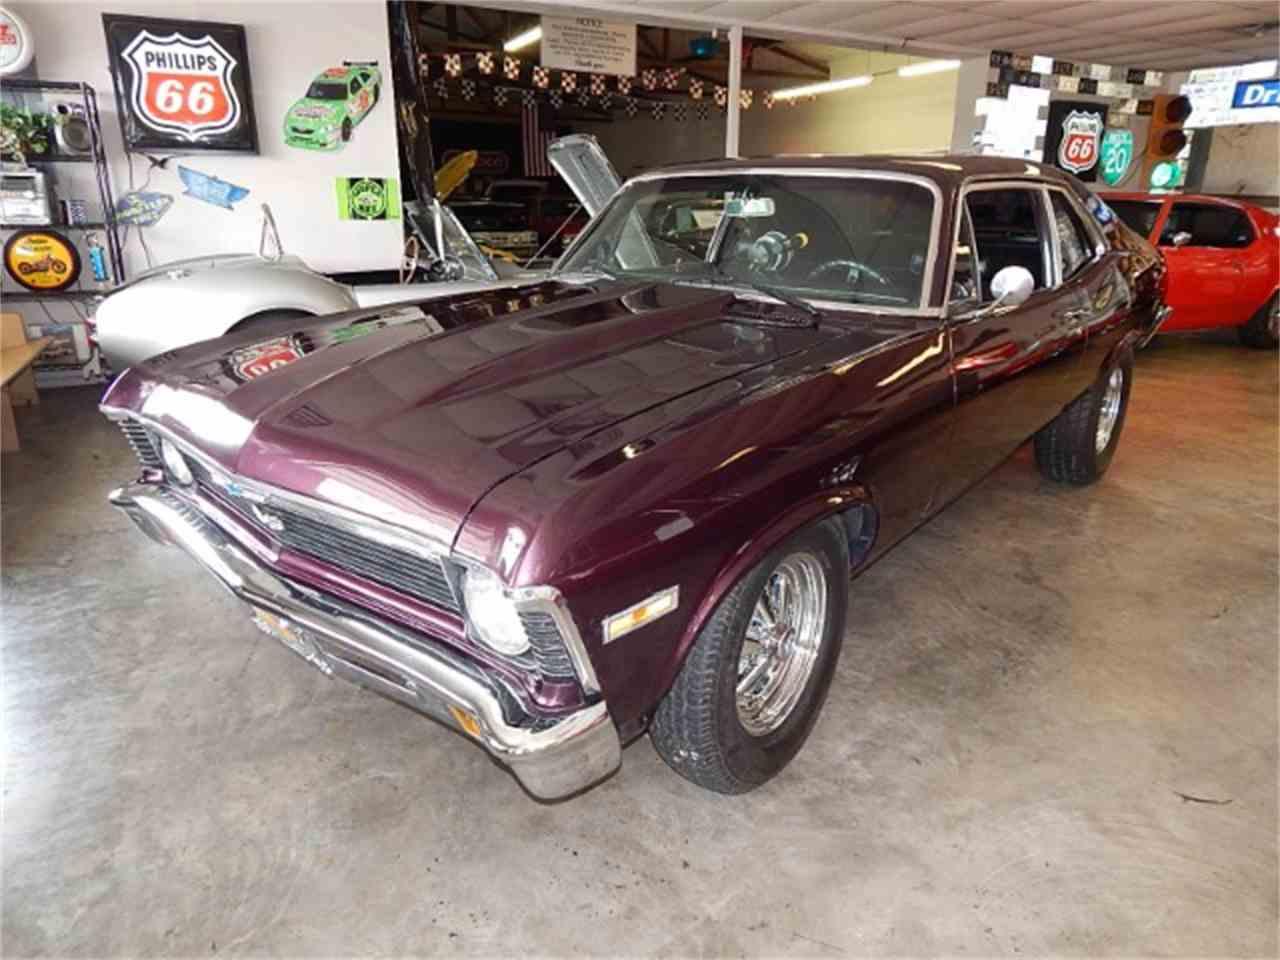 All Chevy 1971 chevrolet nova : 1971 Chevrolet Nova for Sale   ClassicCars.com   CC-1027705